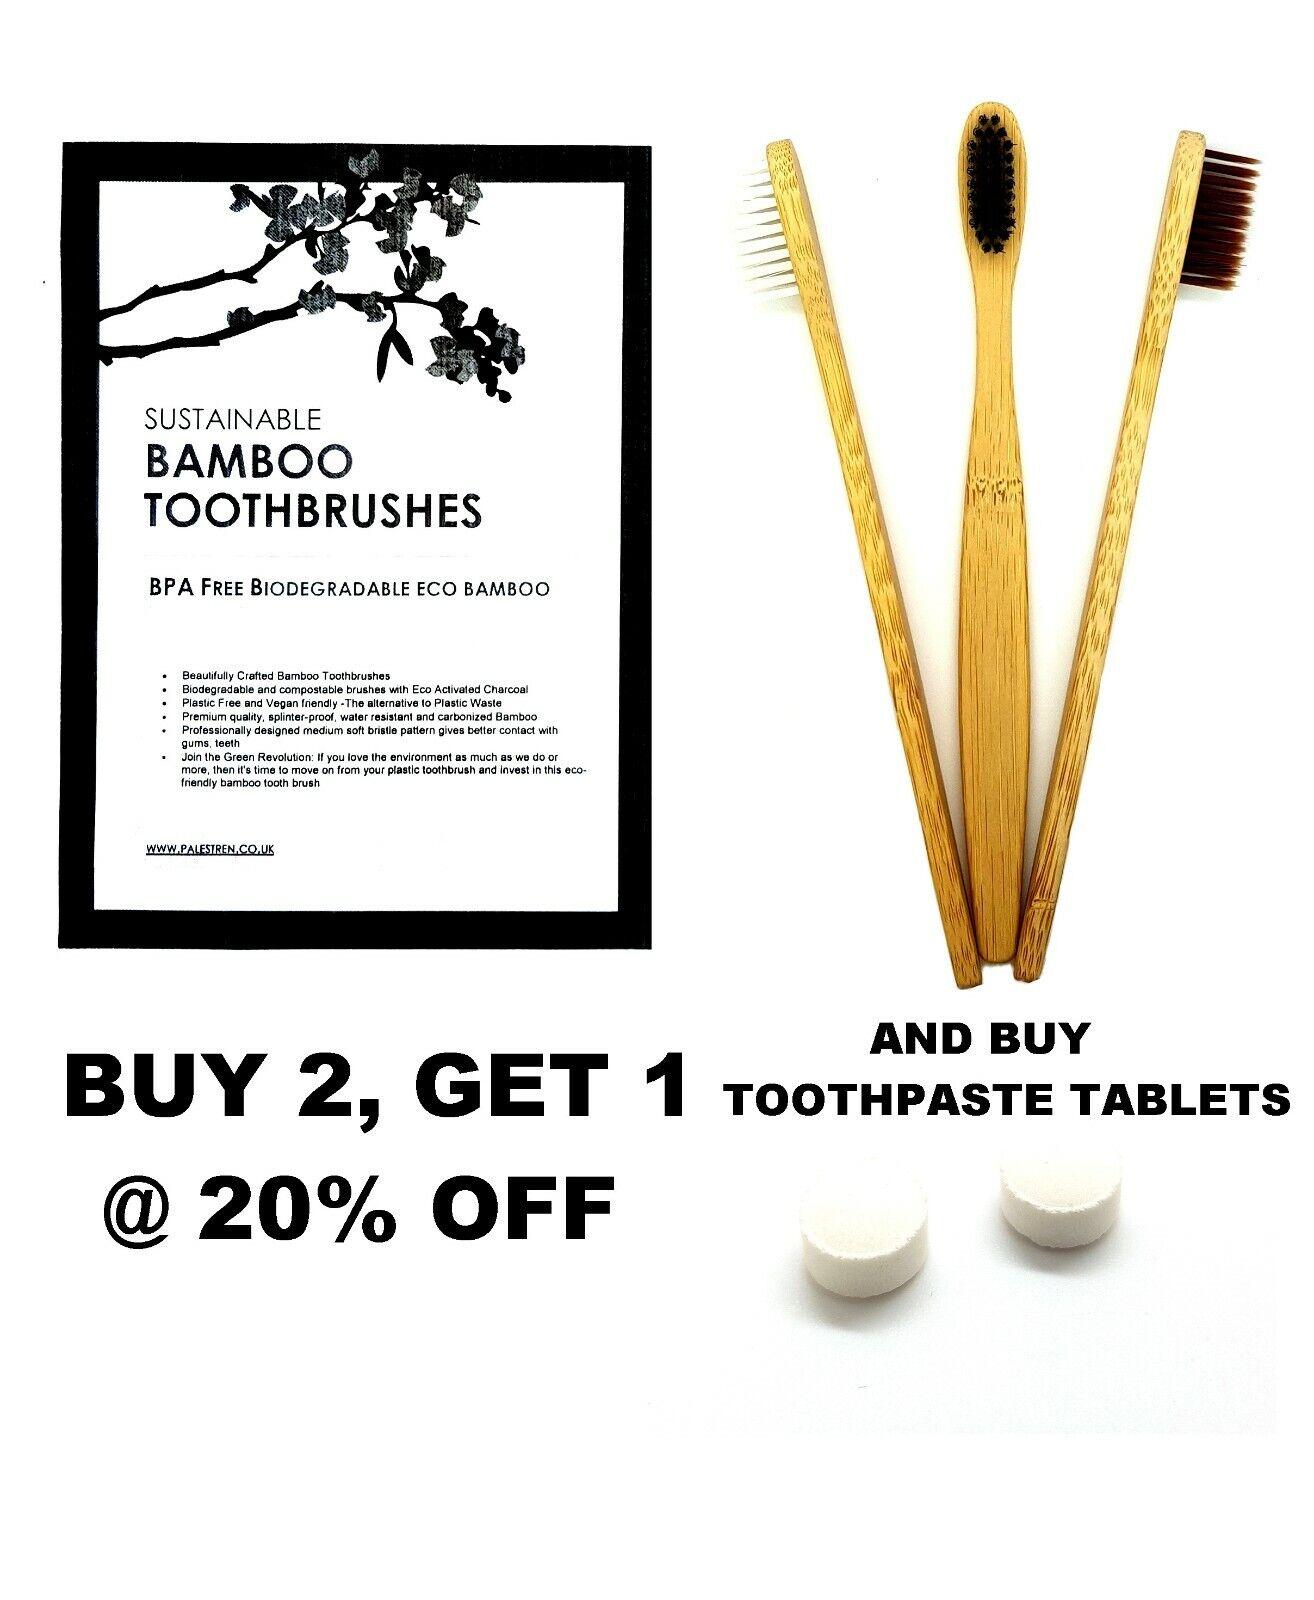 Natur Bambus Zahnbürste Vegan Umweltfreundlich Bpa-Frei Biologisch Zahnbürsten